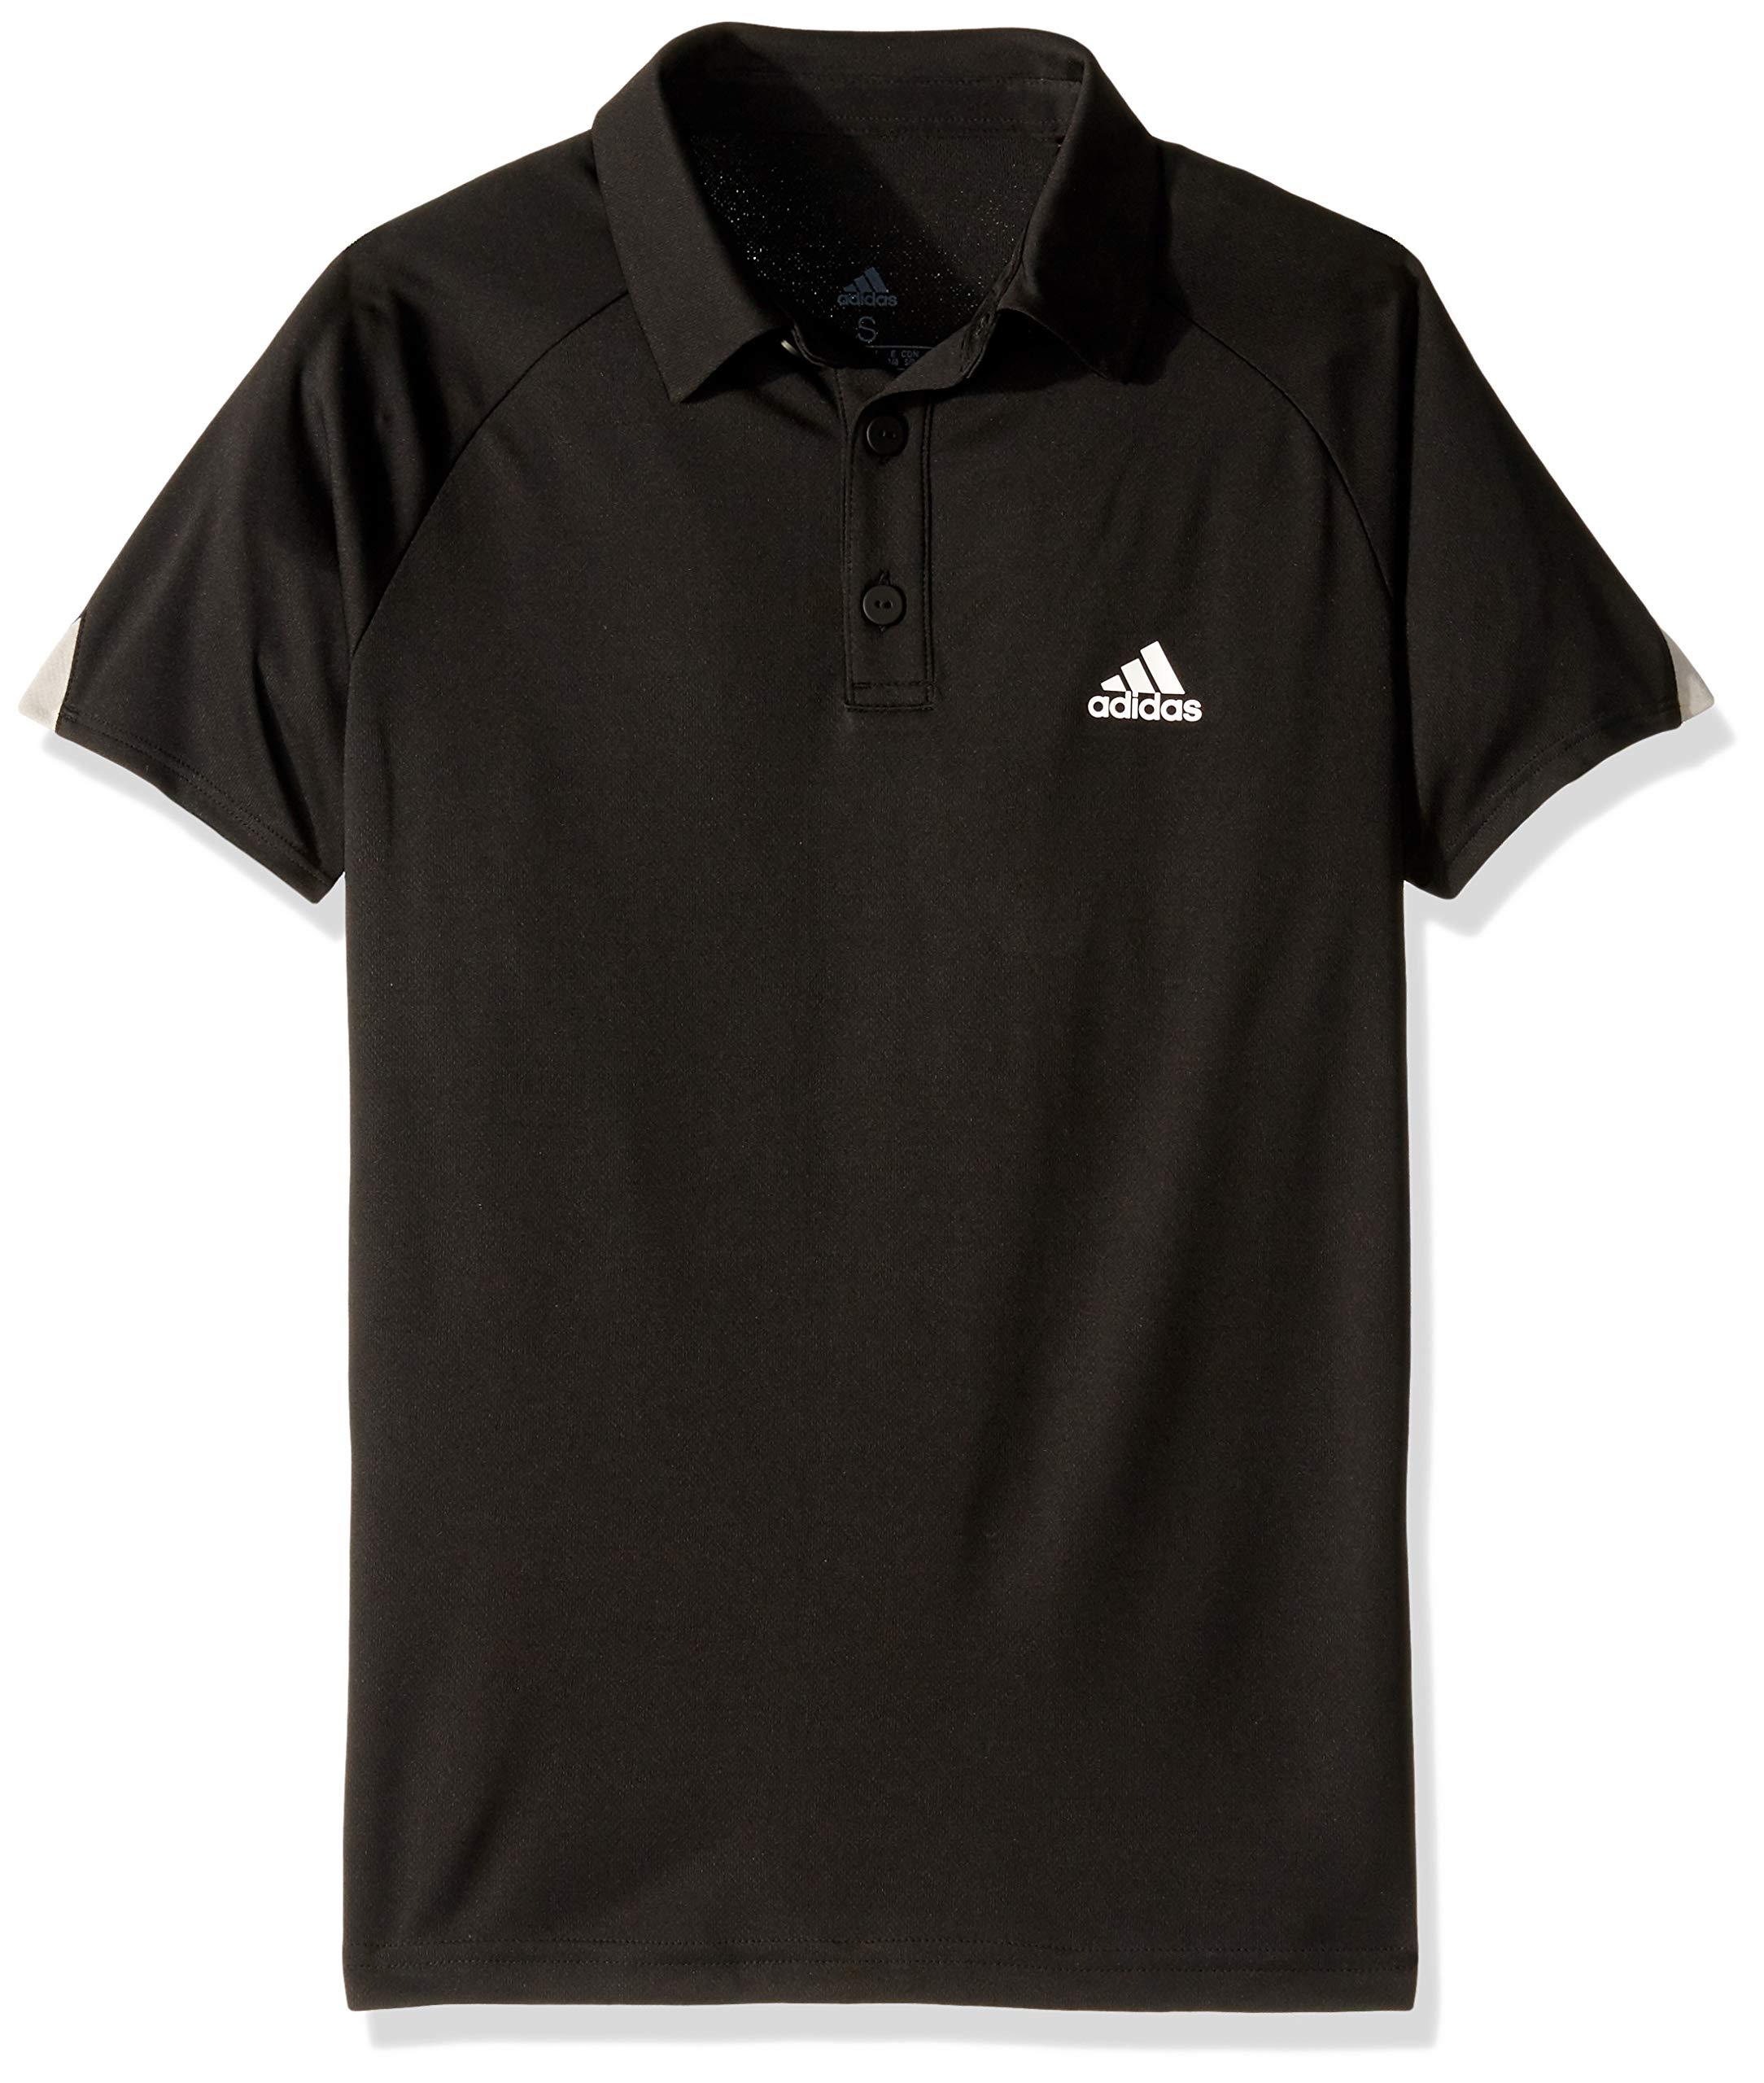 adidas Club Tennis Polo Shirt, Black/White, X-Small